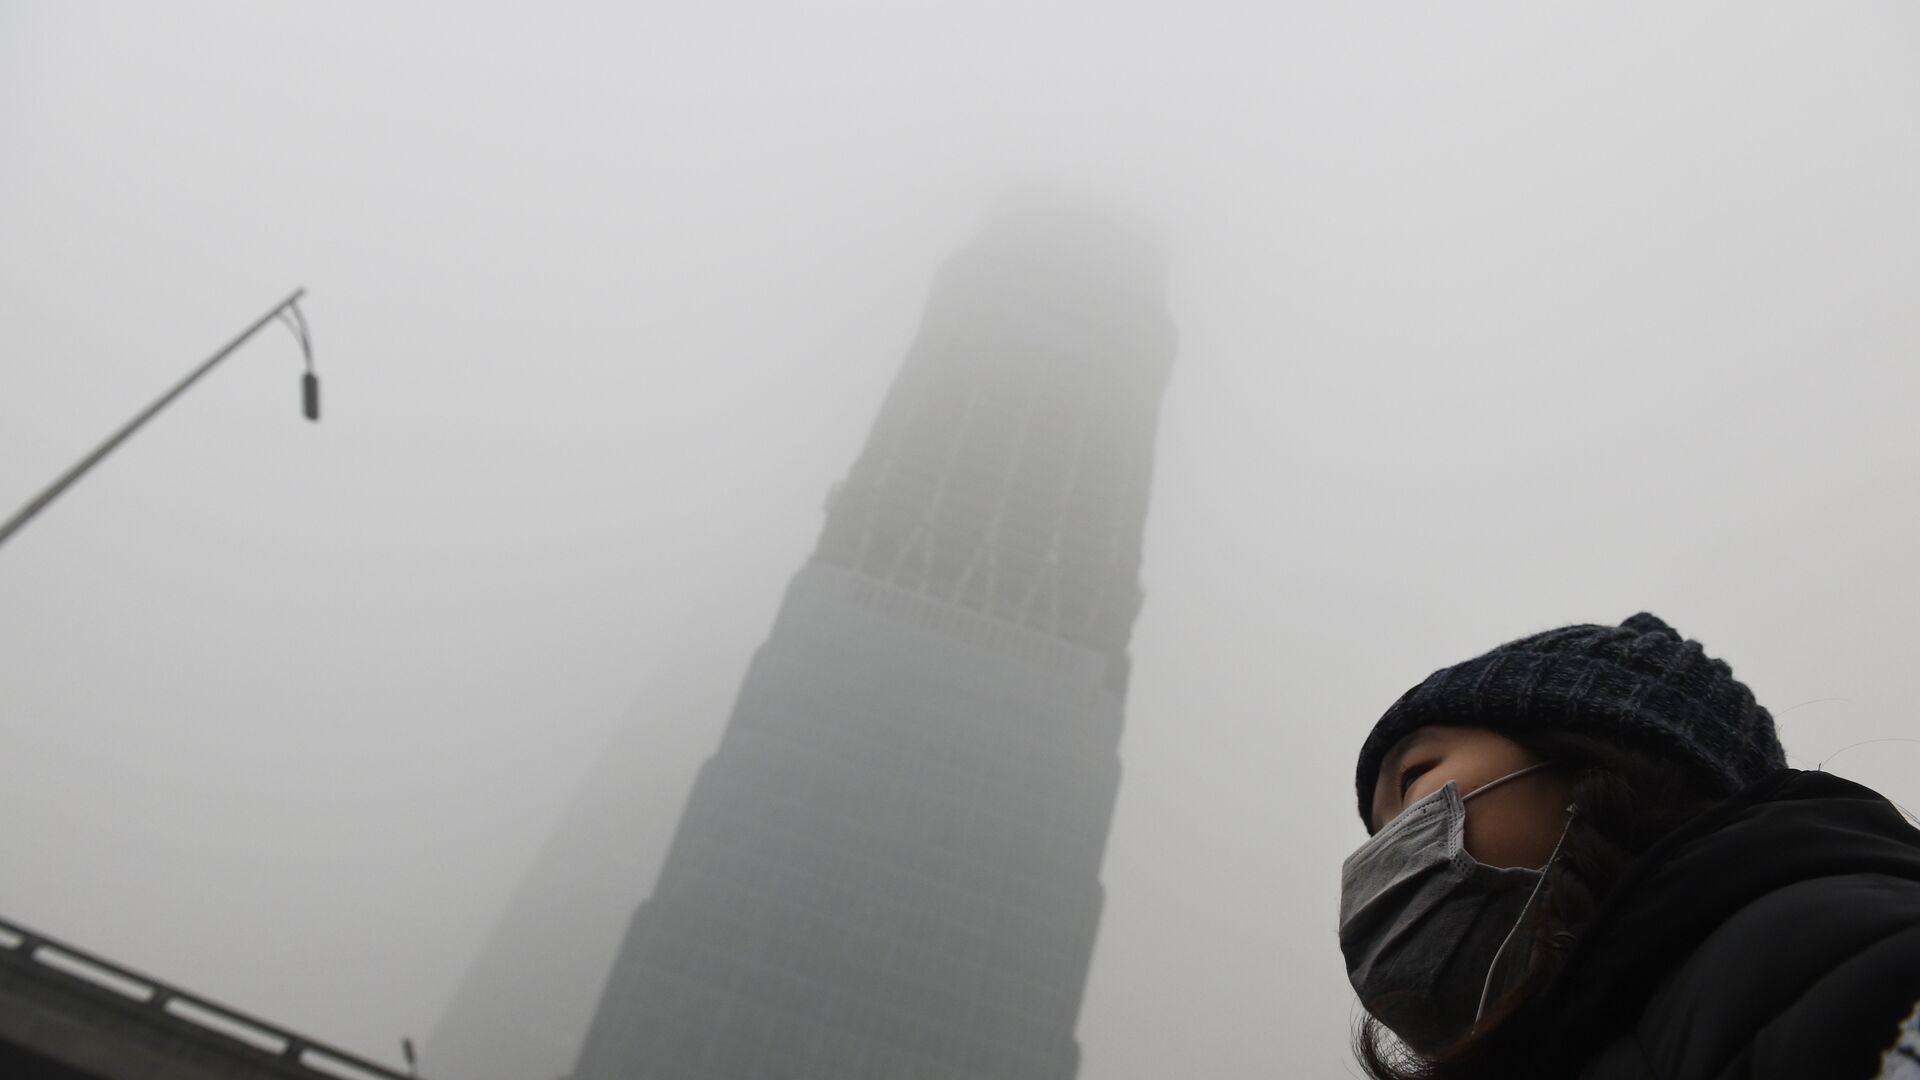 """""""Blocchi e misure, lo smog diventa un caso politico"""" è il titolo del Corriere della Sera - Sputnik Italia, 1920, 22.09.2021"""